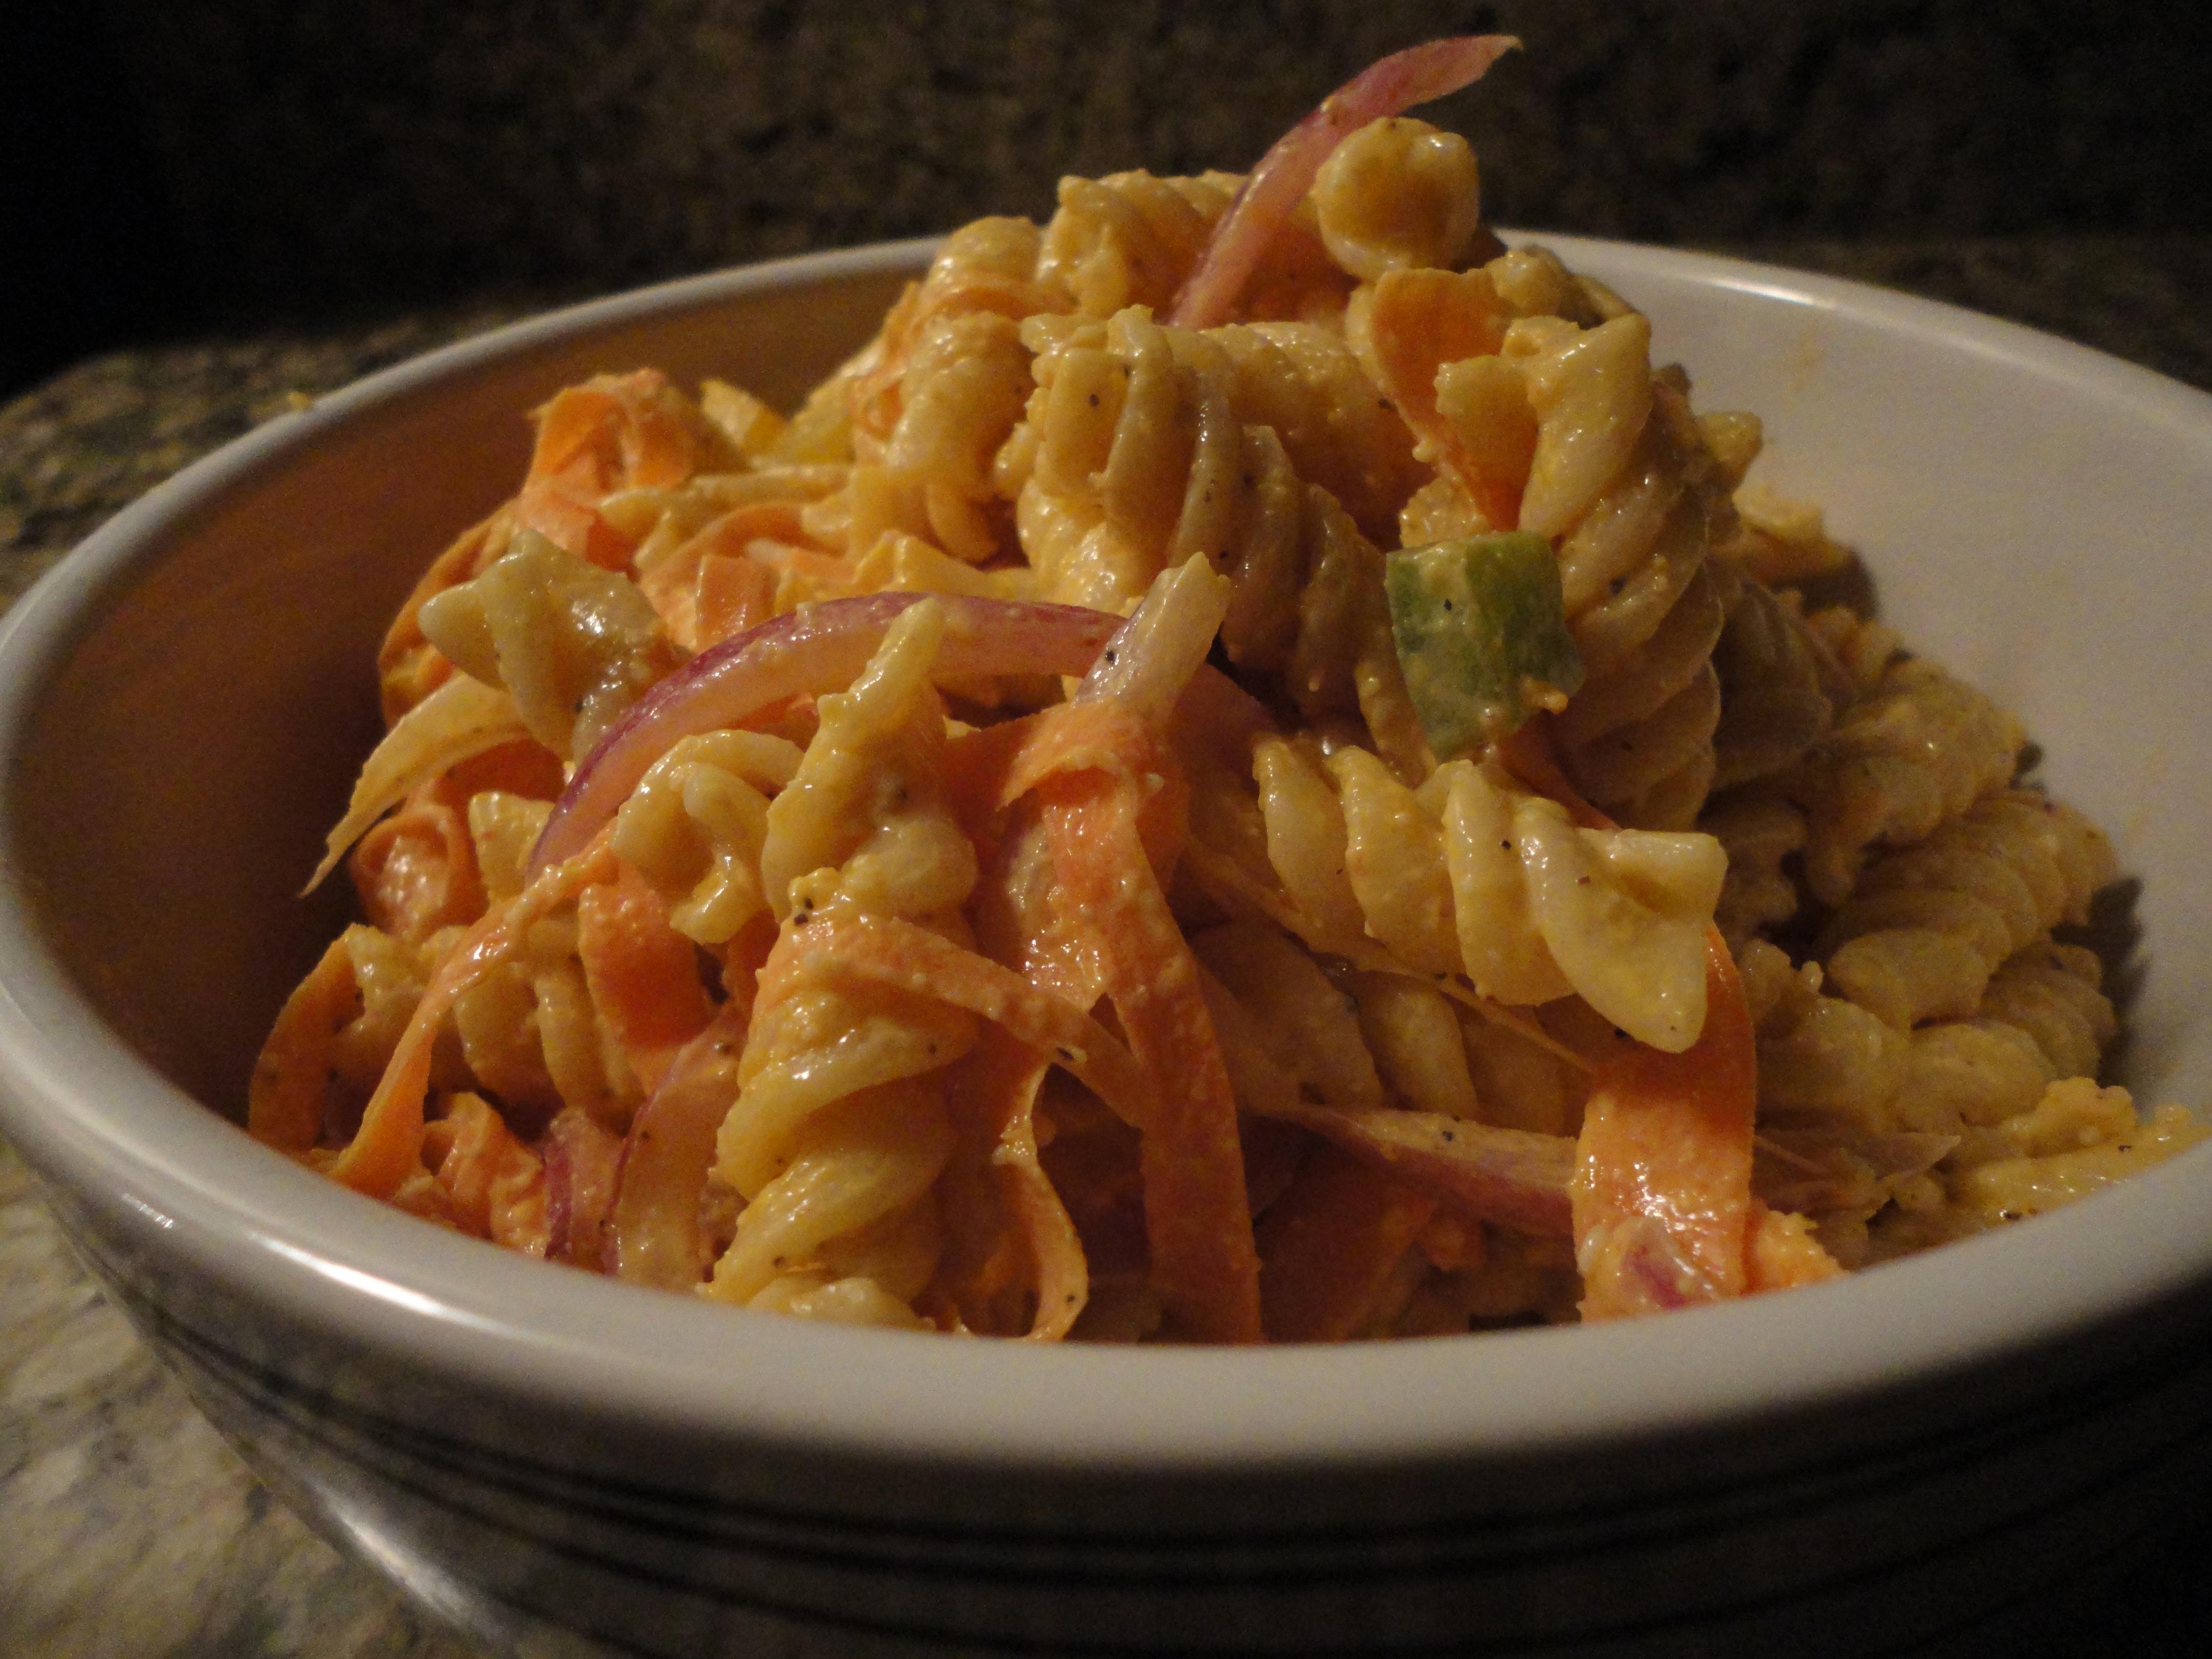 Spicy pasta salad recipes easy